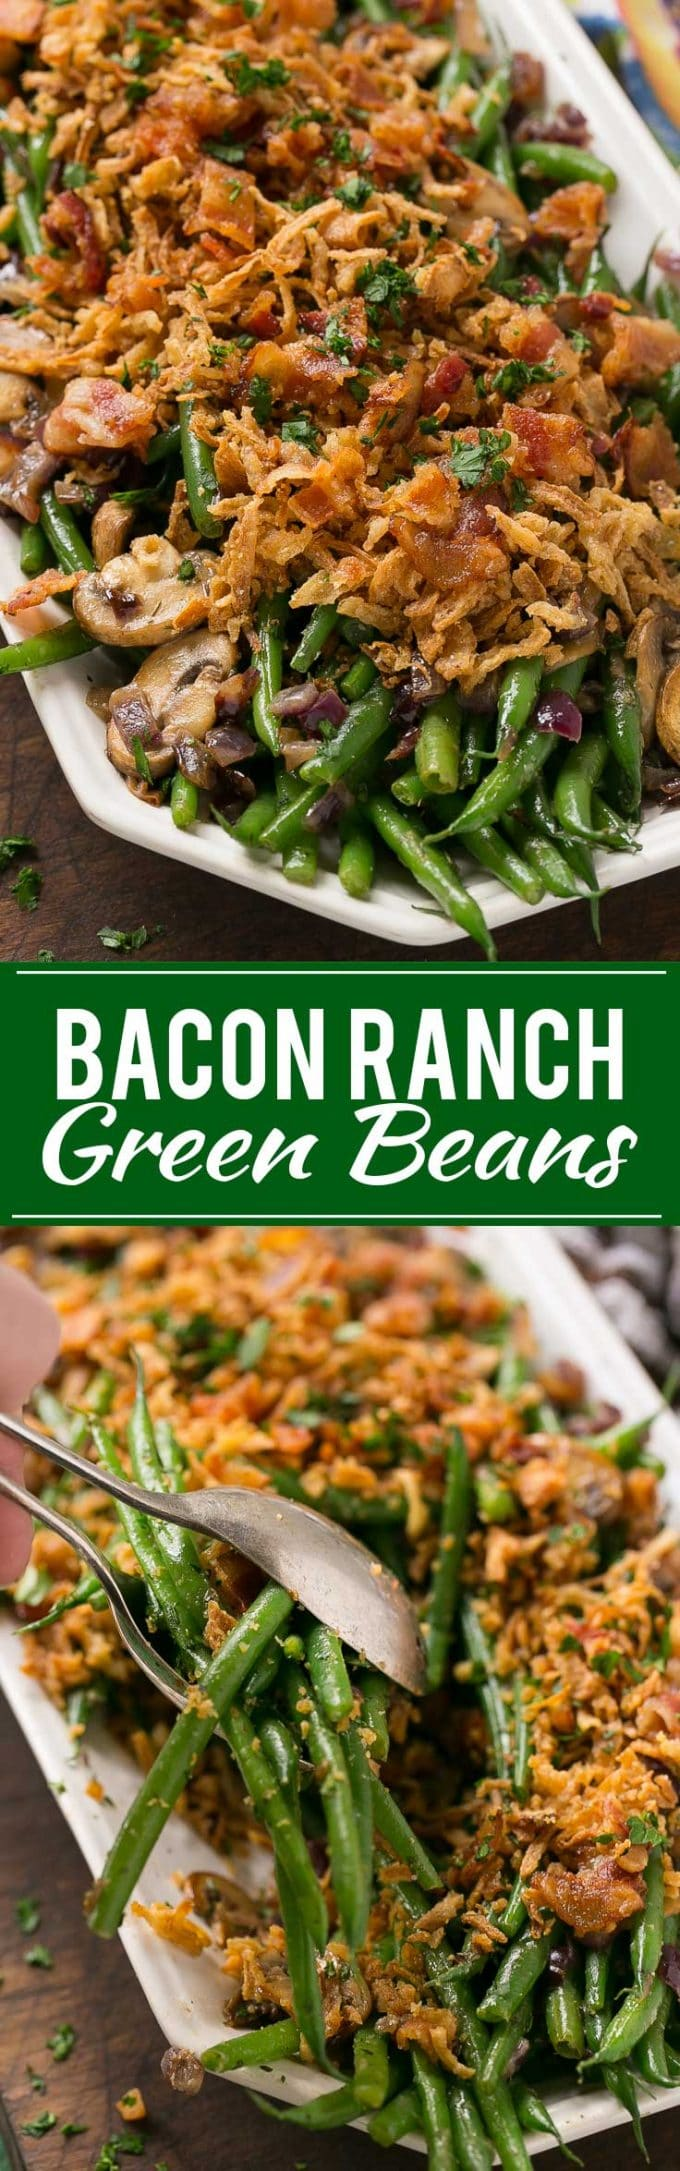 Bacon Ranch Green Beans Recipe | Bacon Ranch Green Beans | Bacon Green Beans | Best Green Beans | Best Bacon Green Beans | Easy Bacon Green Beans